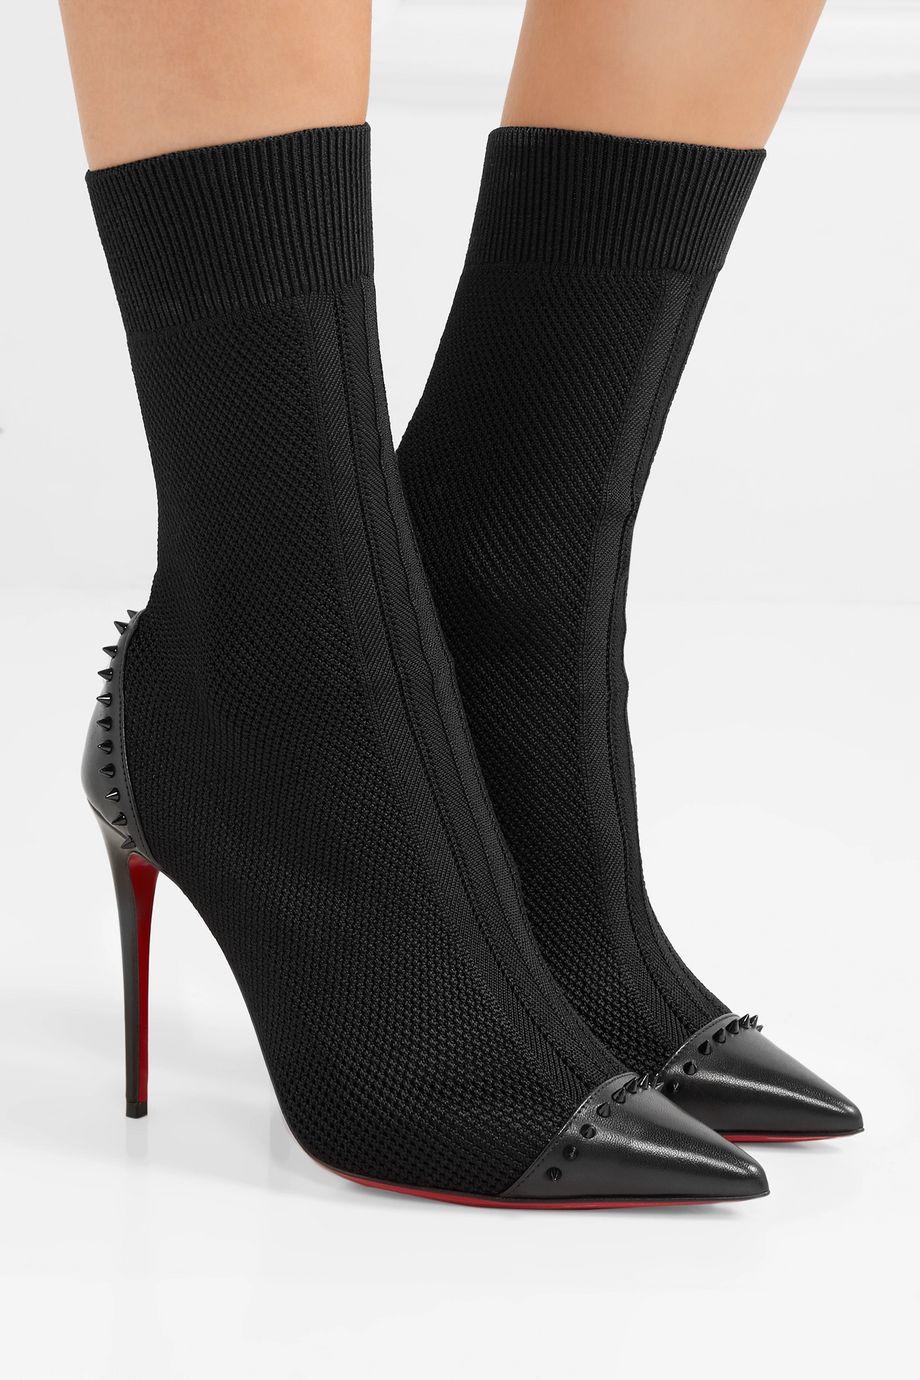 Christian Louboutin Dovi Dova 100 studded leather-trimmed stretch-knit sock boots